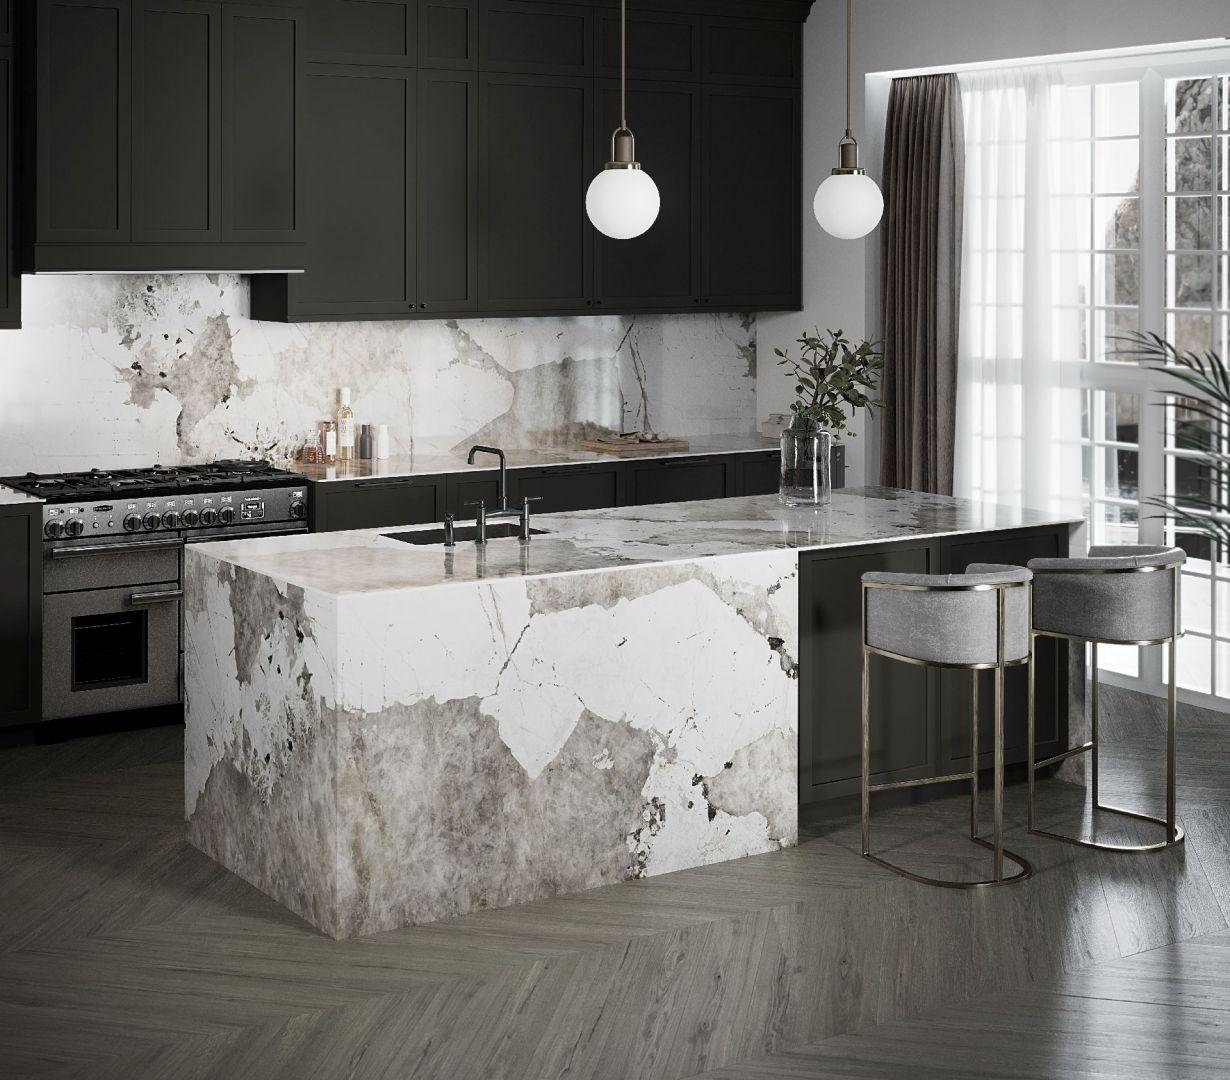 Wzór Khalo powstał dzięki inspiracji kamieniem, który, ze względu na swoją unikalną formację i wyjątkowe kolory, jest jednym z najbardziej cenionych granitów na świecie.  Fot. Dekton wzór Khalo Cosentino